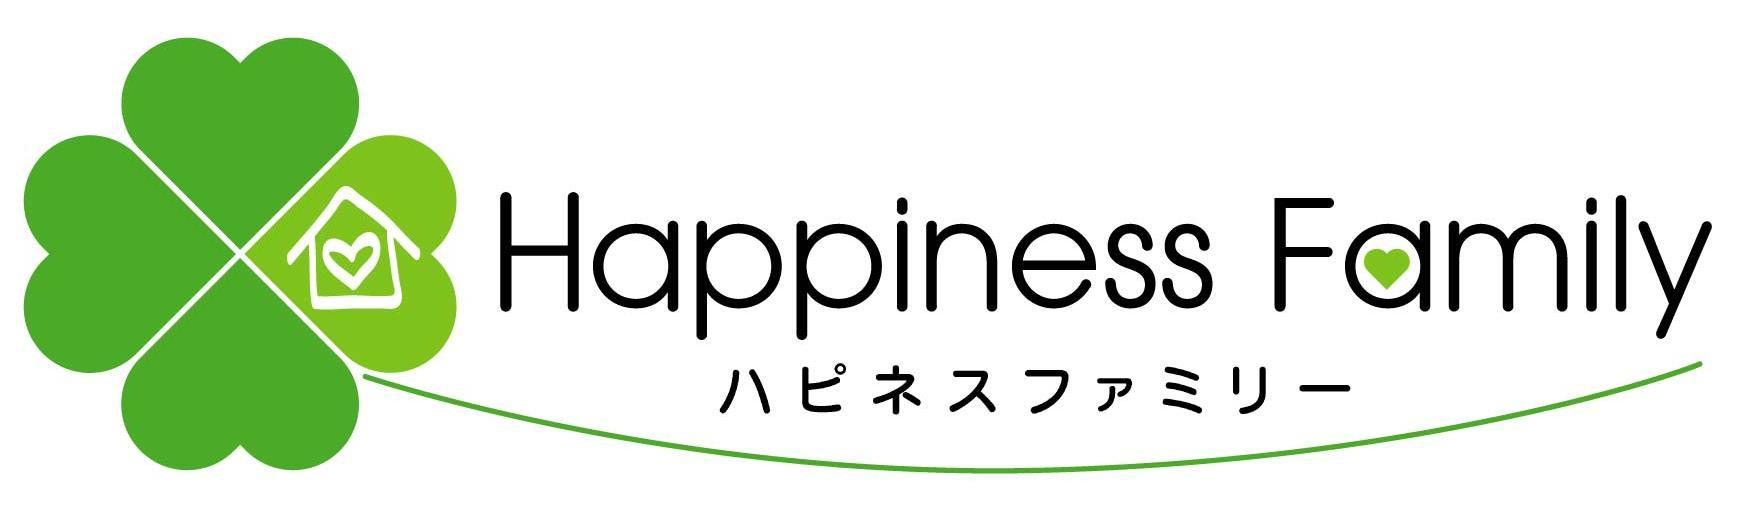 Happiness Family(ハピネスファミリー)